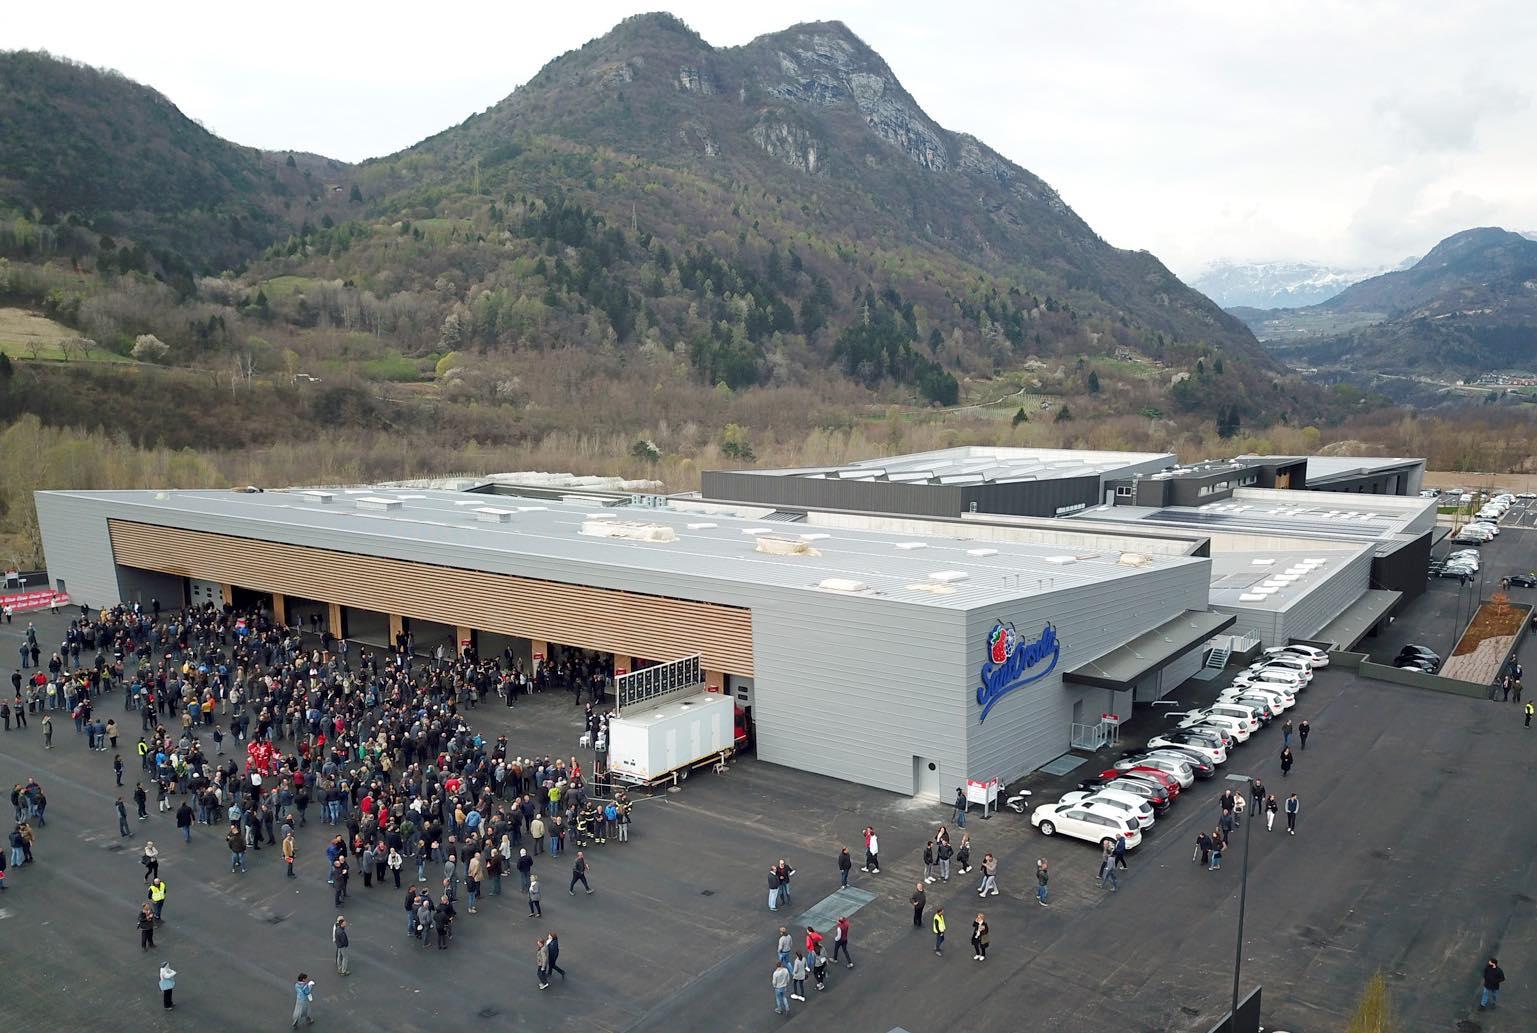 Sant-Orsola-Pergine-nuovo-stabilimento-aerea-07-04-2019